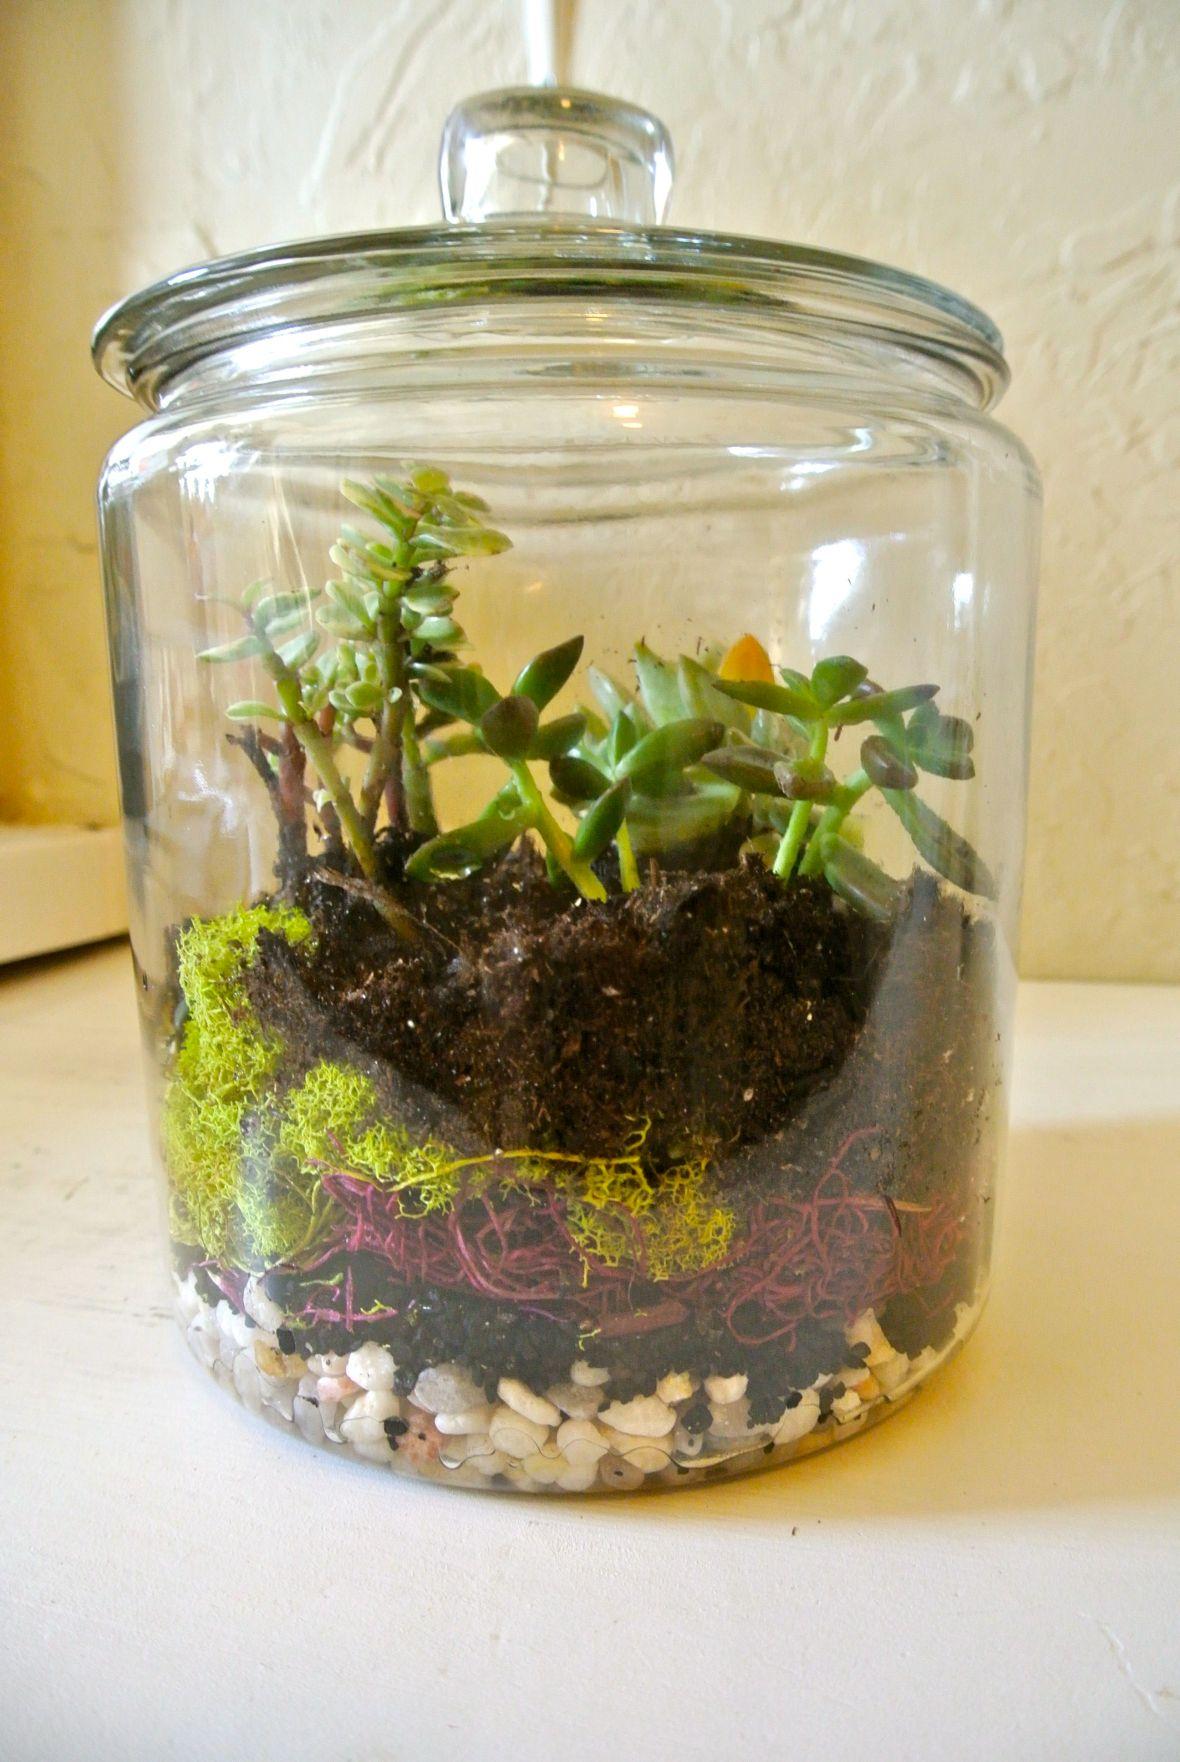 DIY Terrarium - Step three